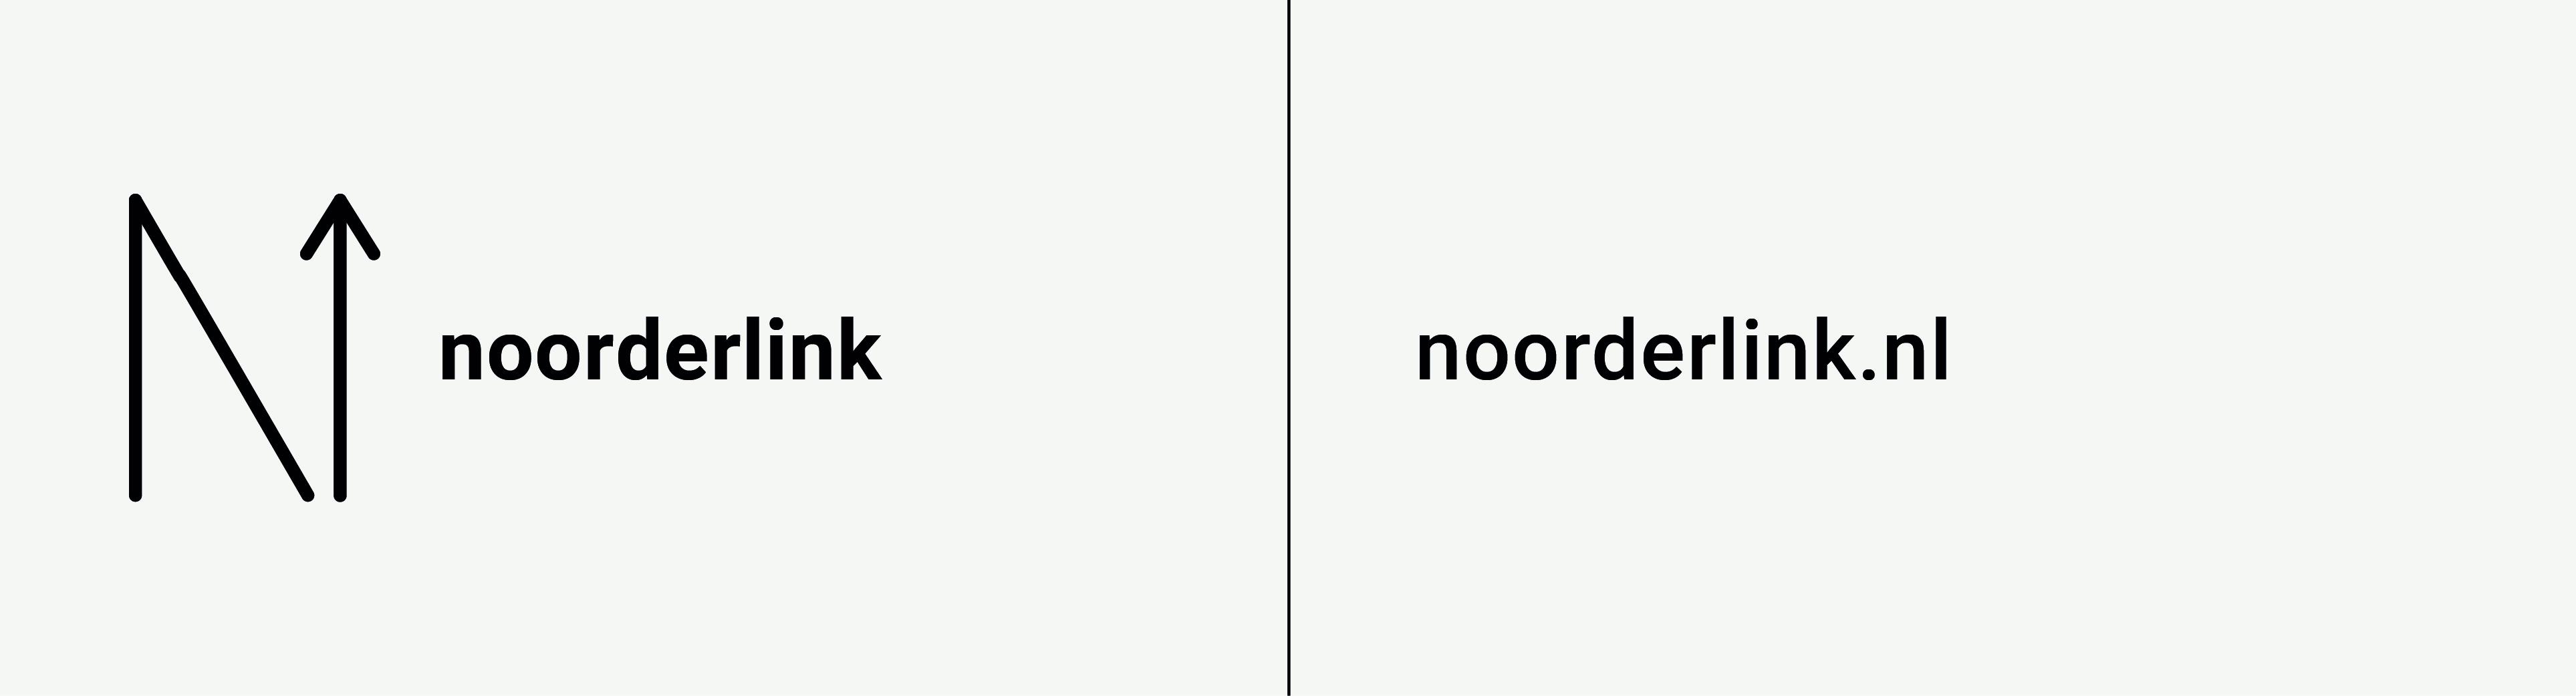 Noorderlink Careers: Pitchen en netwerken met verve